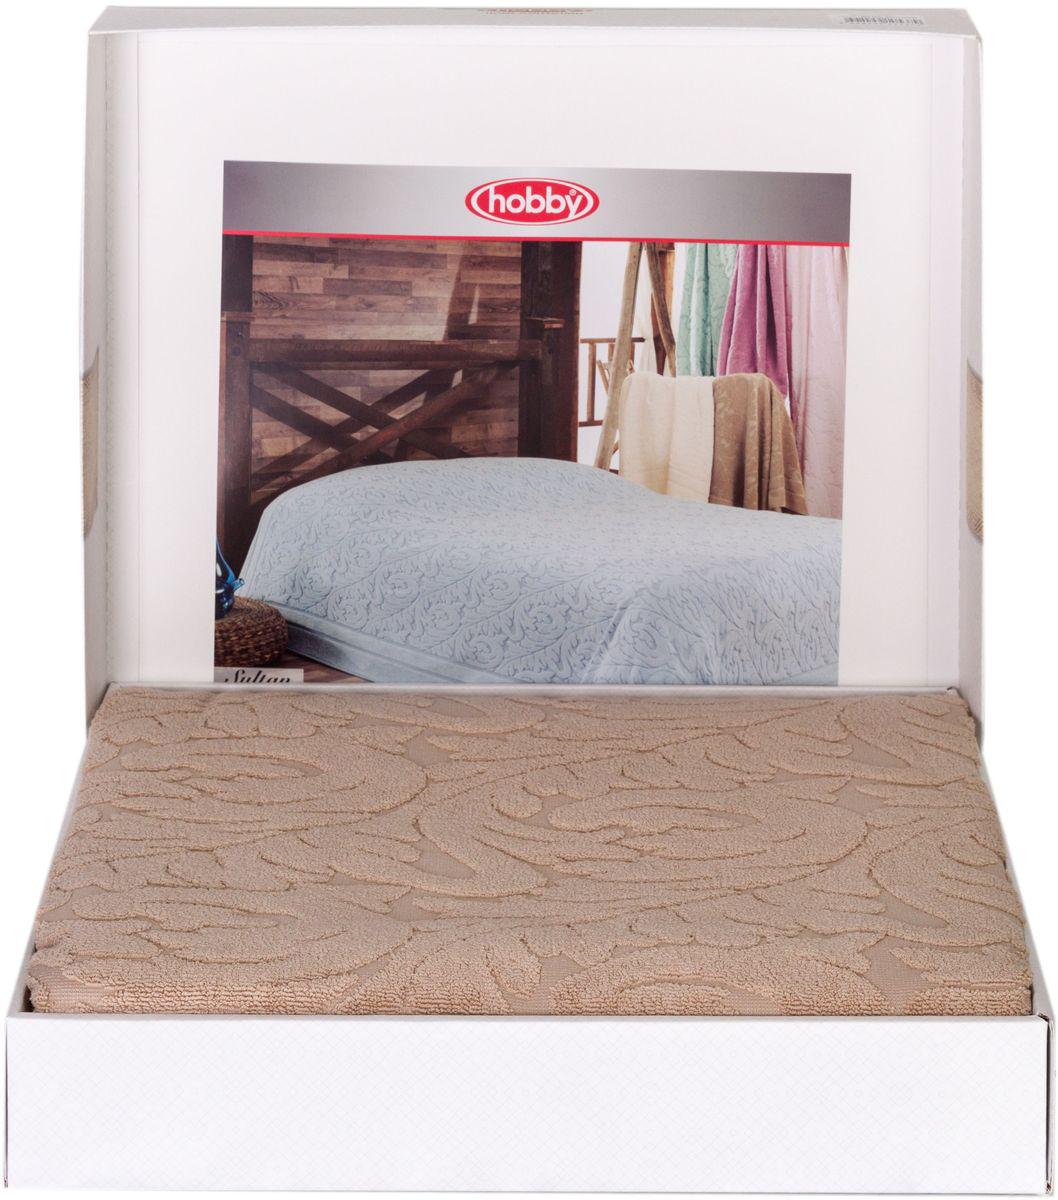 """Шикарное покрывало Hobby Home Collection """"Sultan"""" изготовлено из 100% хлопка высшей категории. Оно обладает замечательными """"дышащими"""" свойствами и будет хорошо смотреться как на диване, так и на большой кровати. Данное покрывало можно также использовать в качестве одеяла."""